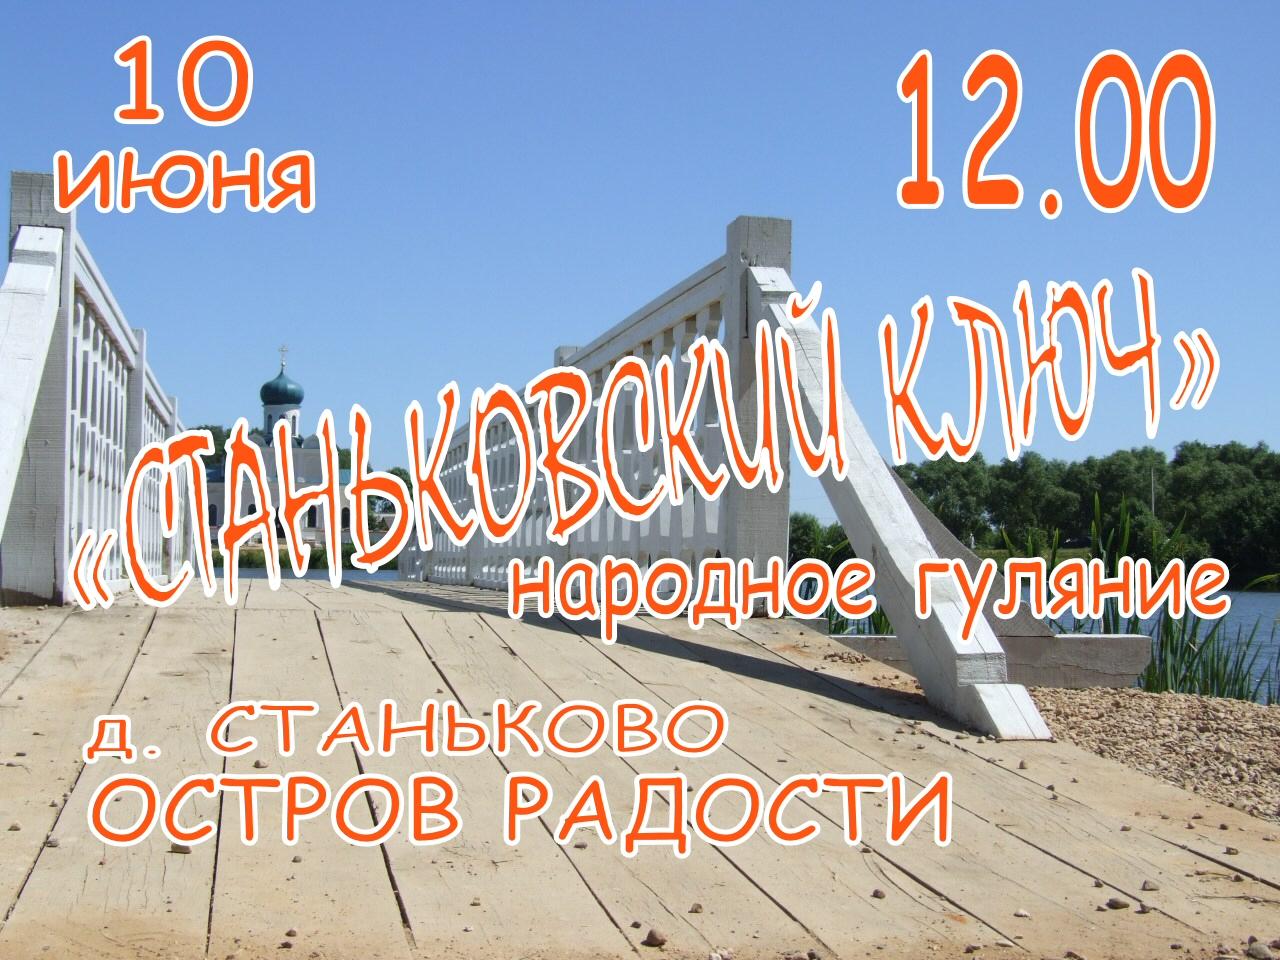 10 июня в 12.00 приглашаем всех на праздник деревни Станьково. Праздник состоится на острове Радости.